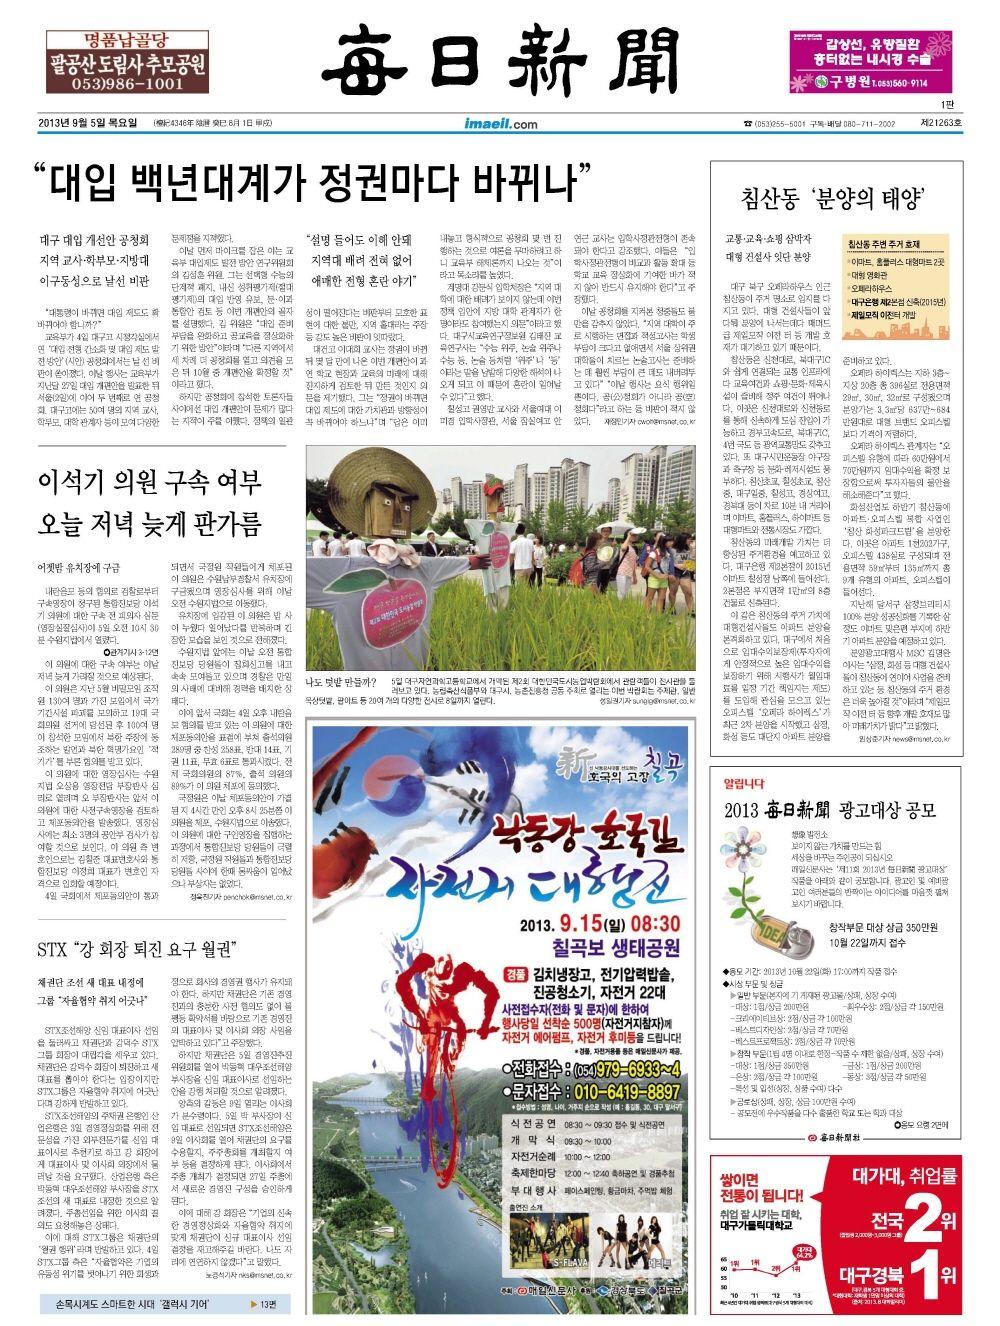 2013년 9월 5일 목요일 매일신문 1면